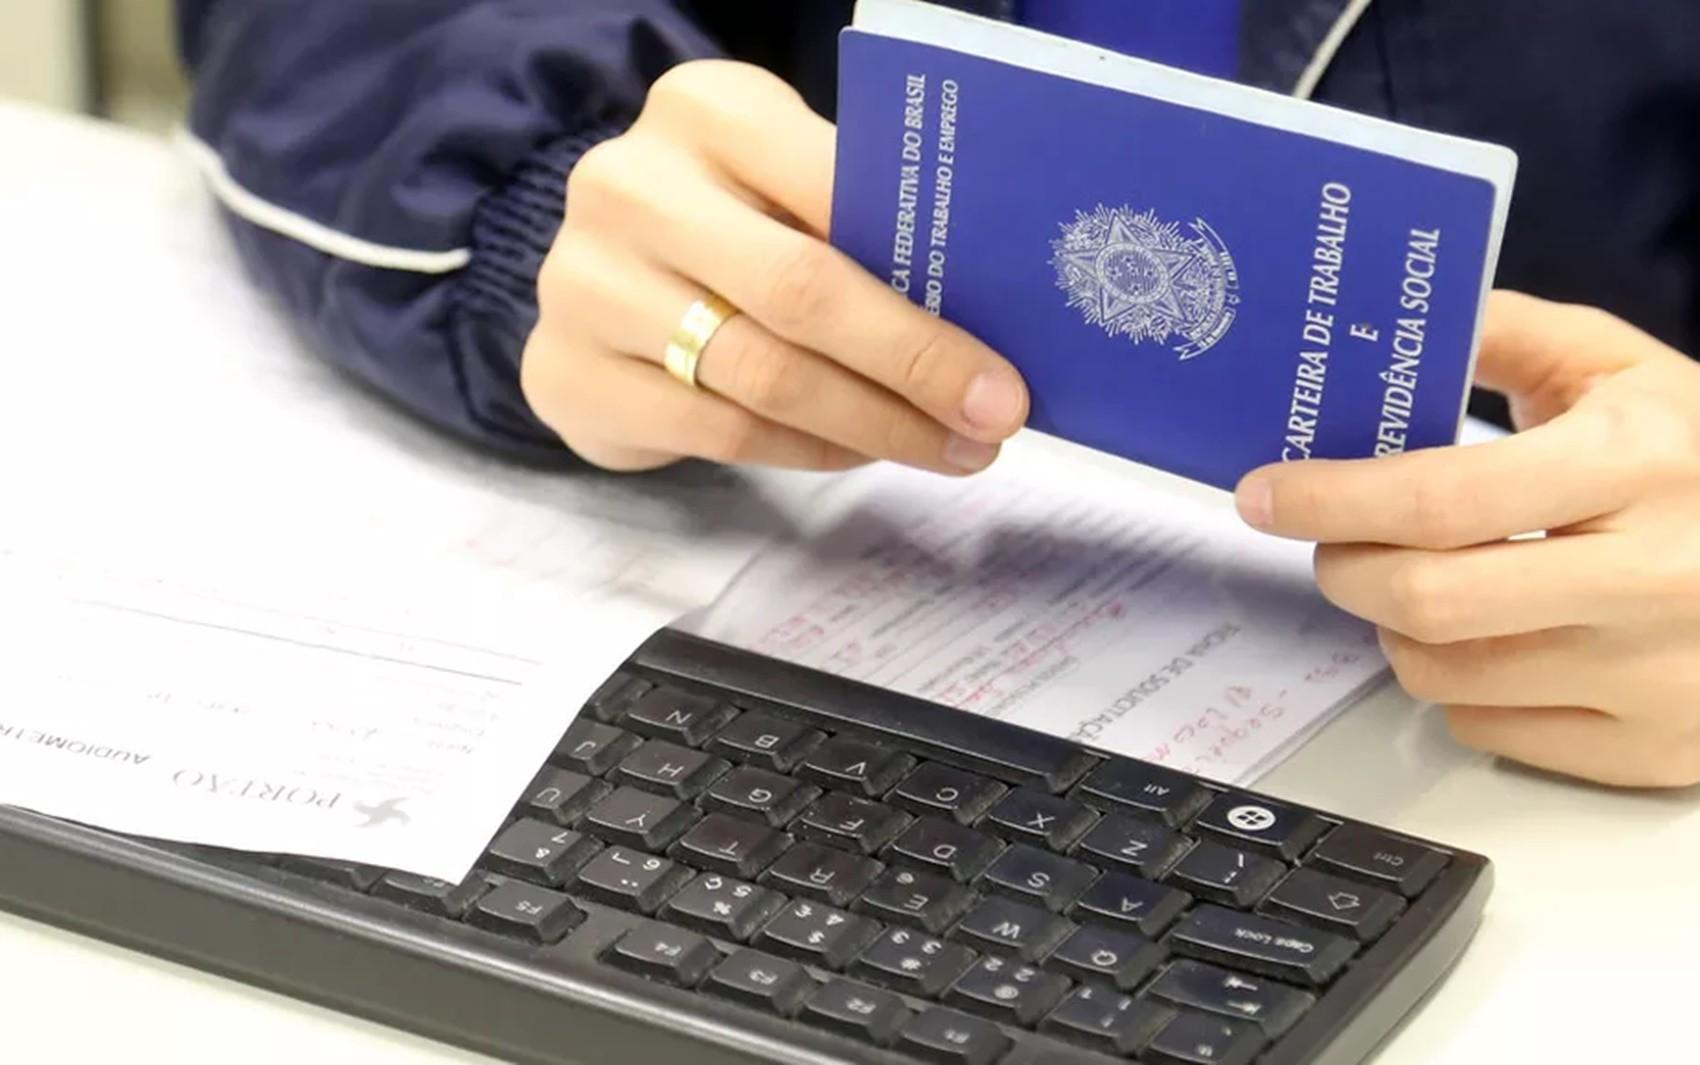 Núcleo de Apoio ao Trabalho divulga 23 vagas de emprego em Sergipe